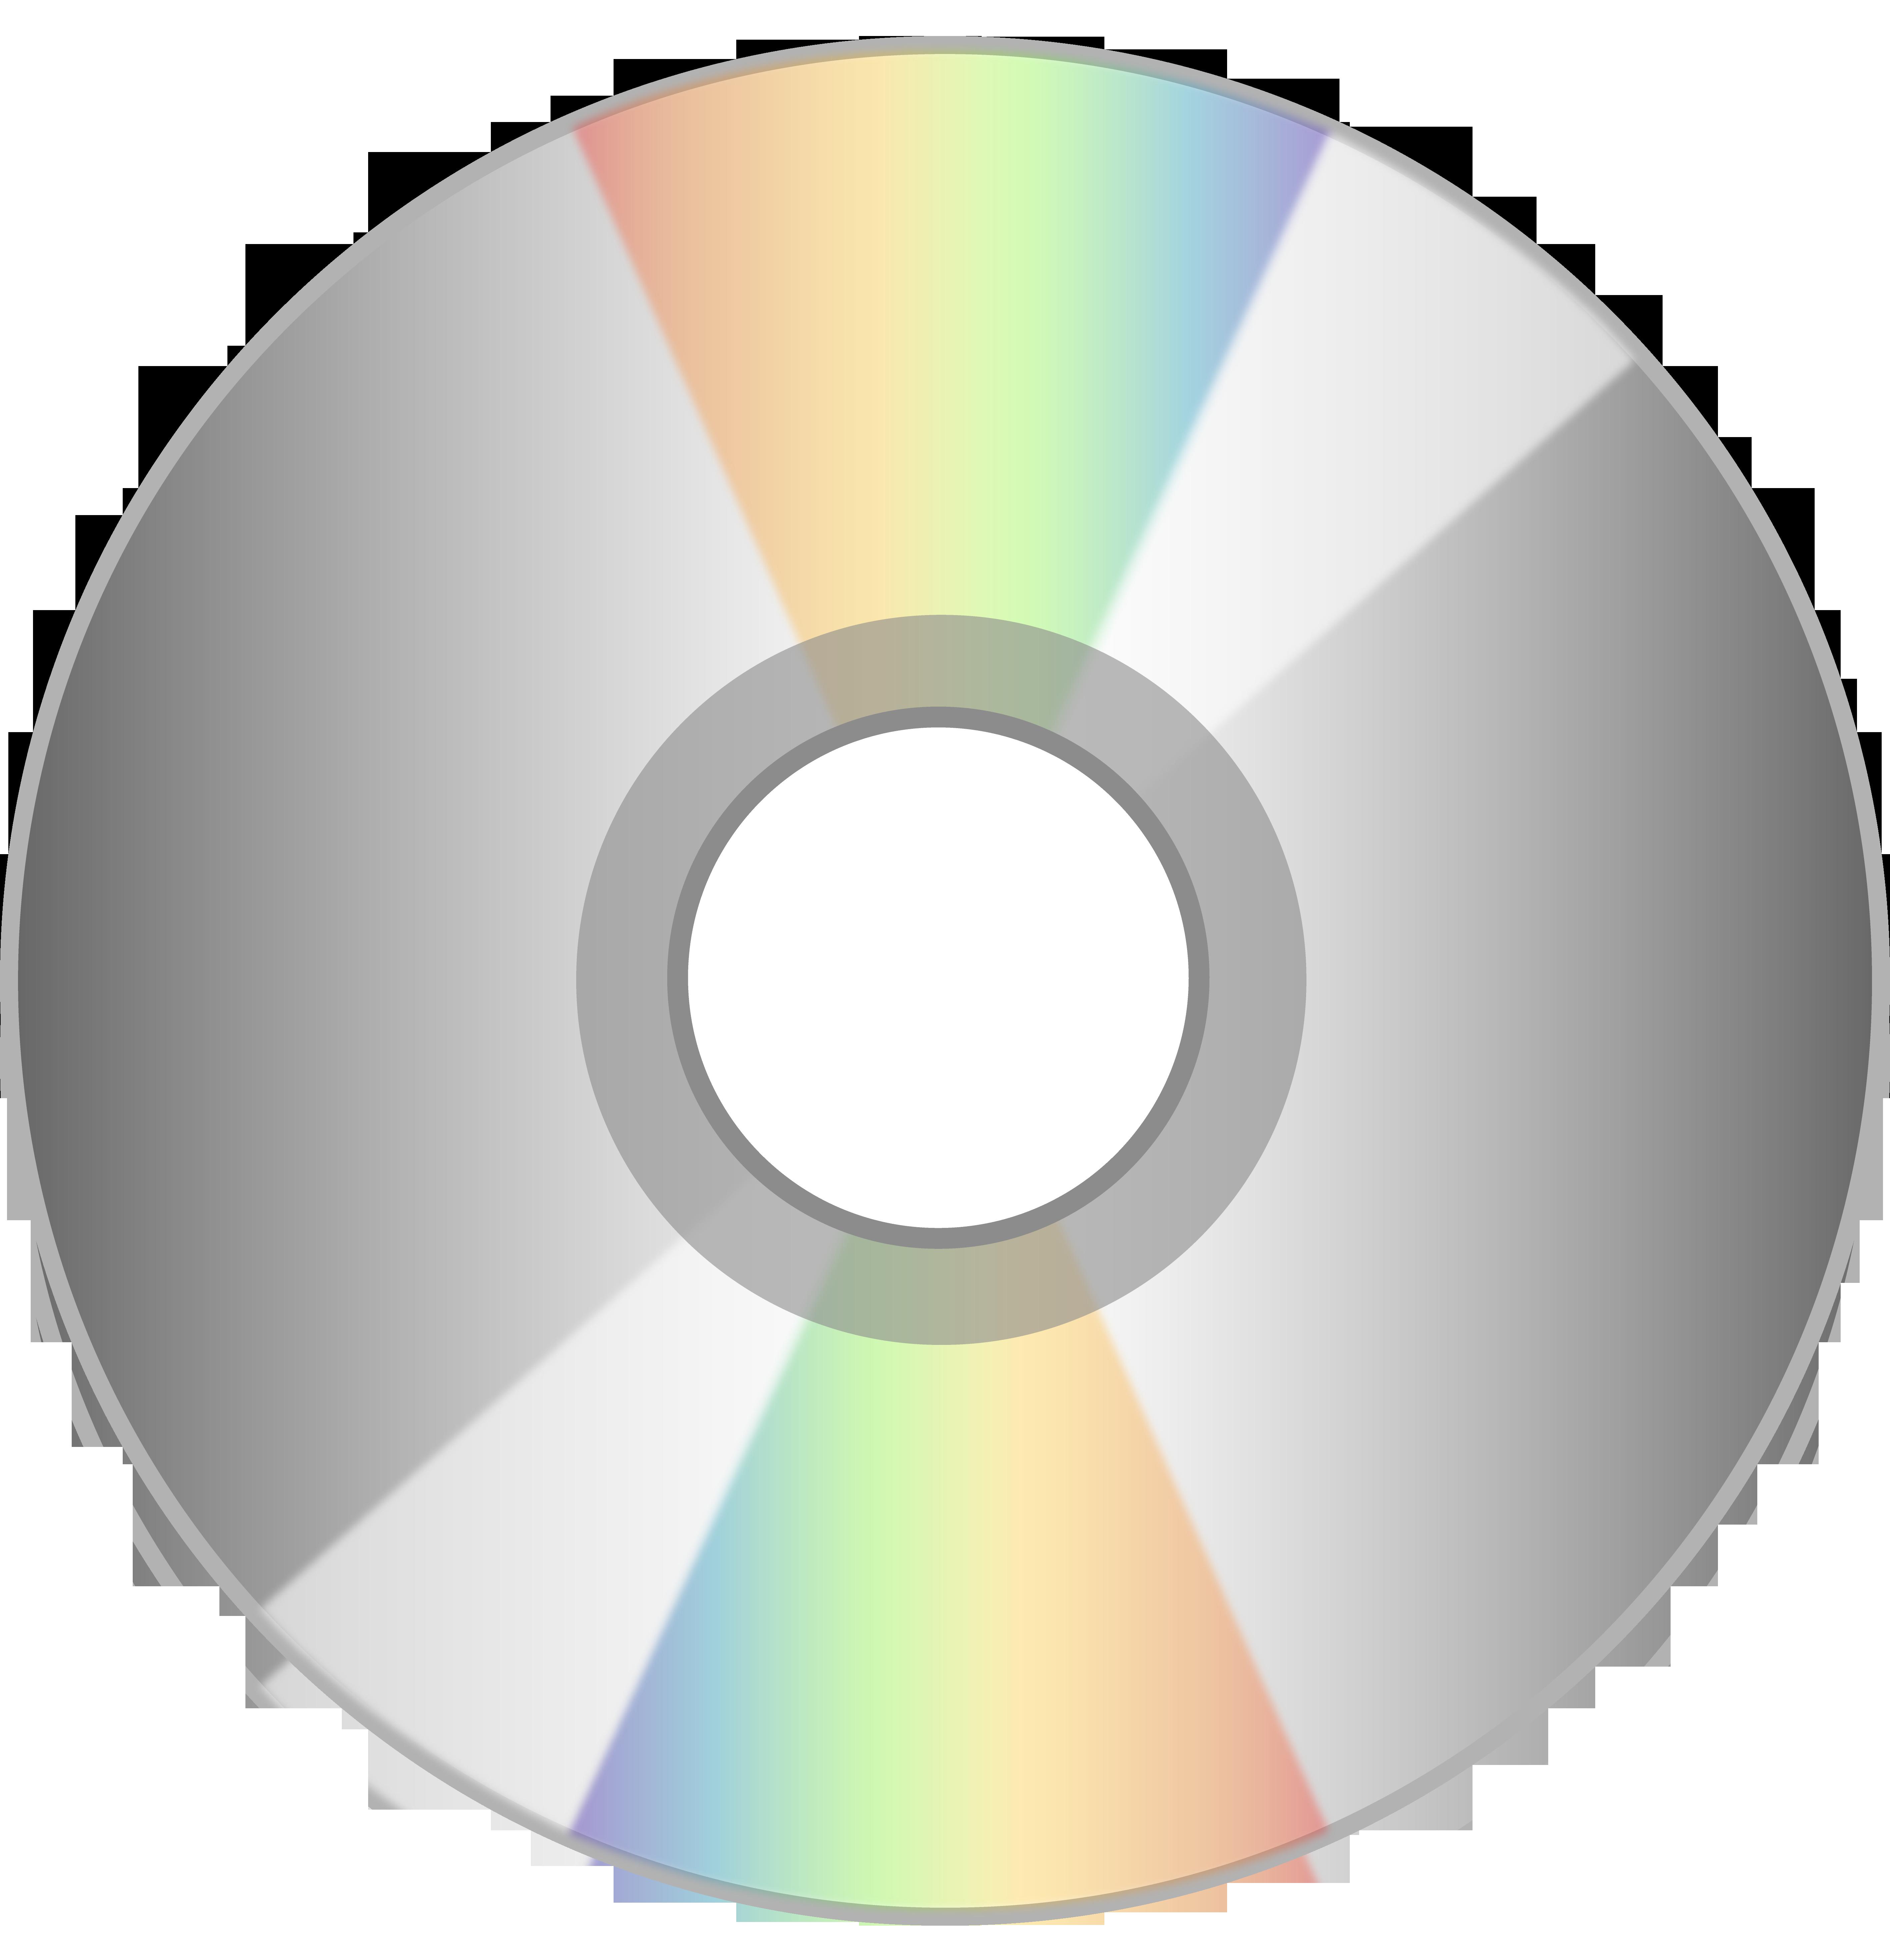 Shiny Compact Disc.